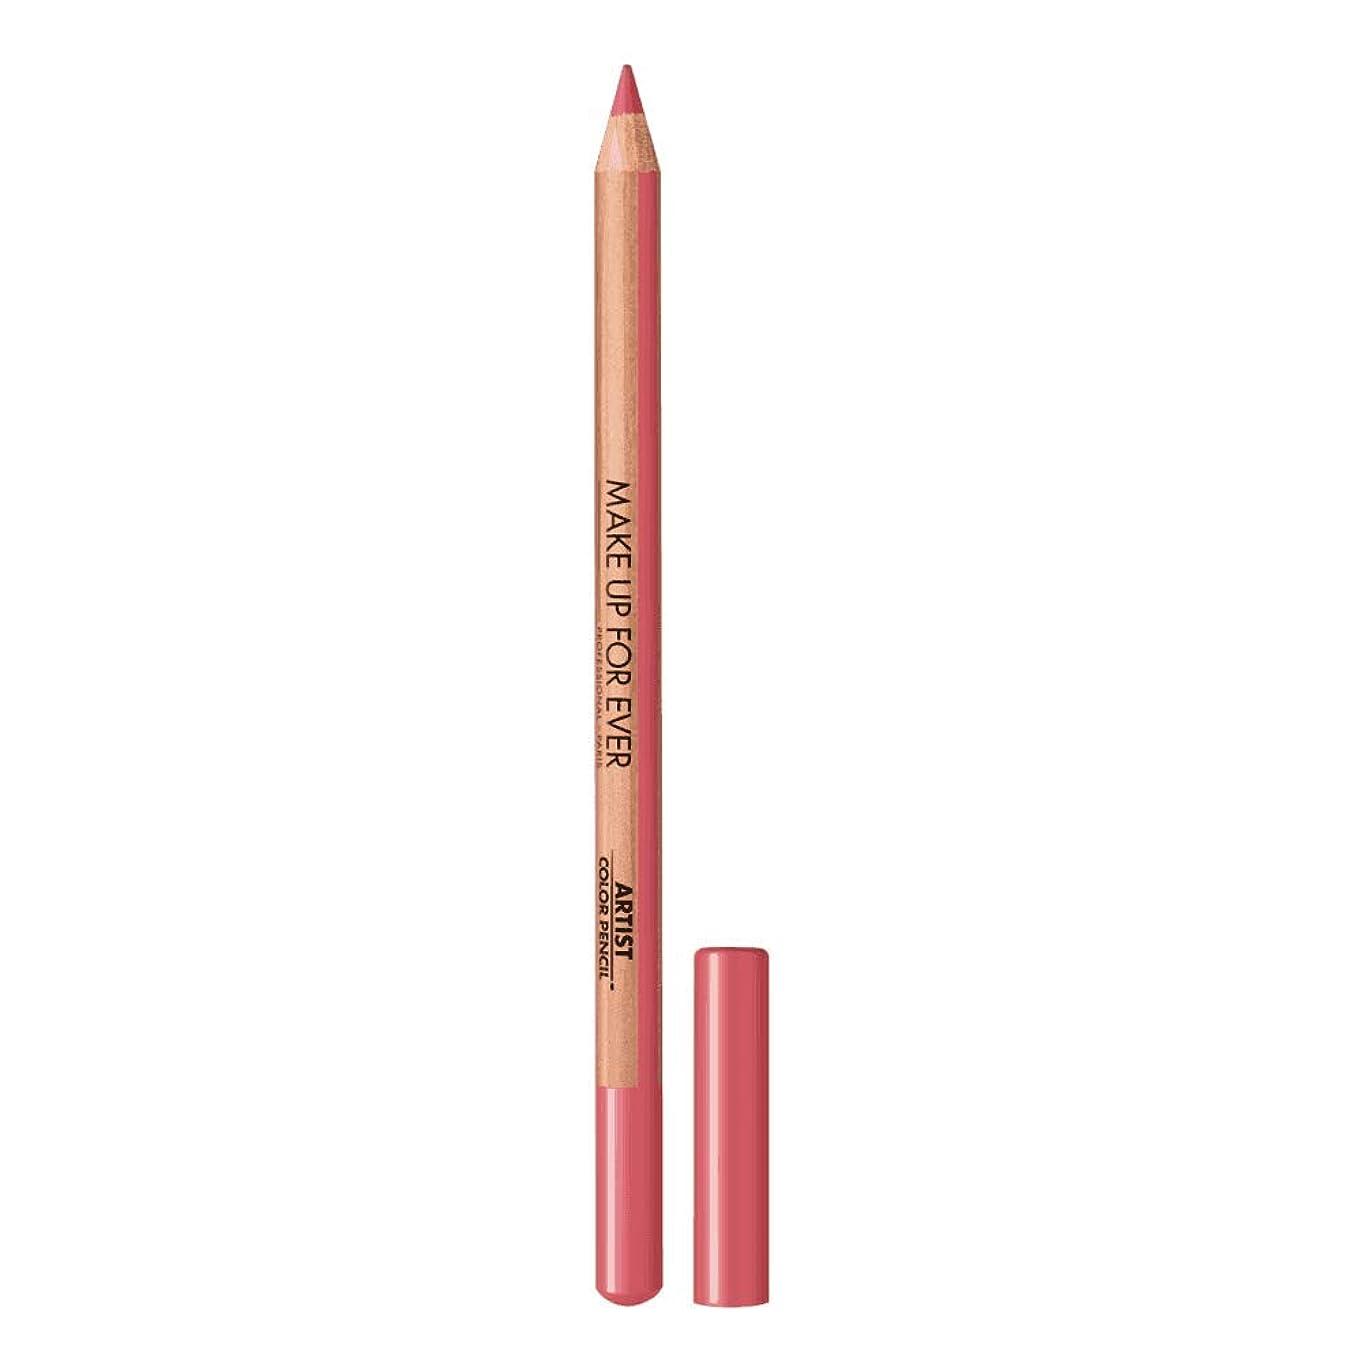 内側反動結論メイクアップフォーエバー Artist Color Pencil - # 806 Go Ahead Pink 1.41g/0.04oz並行輸入品